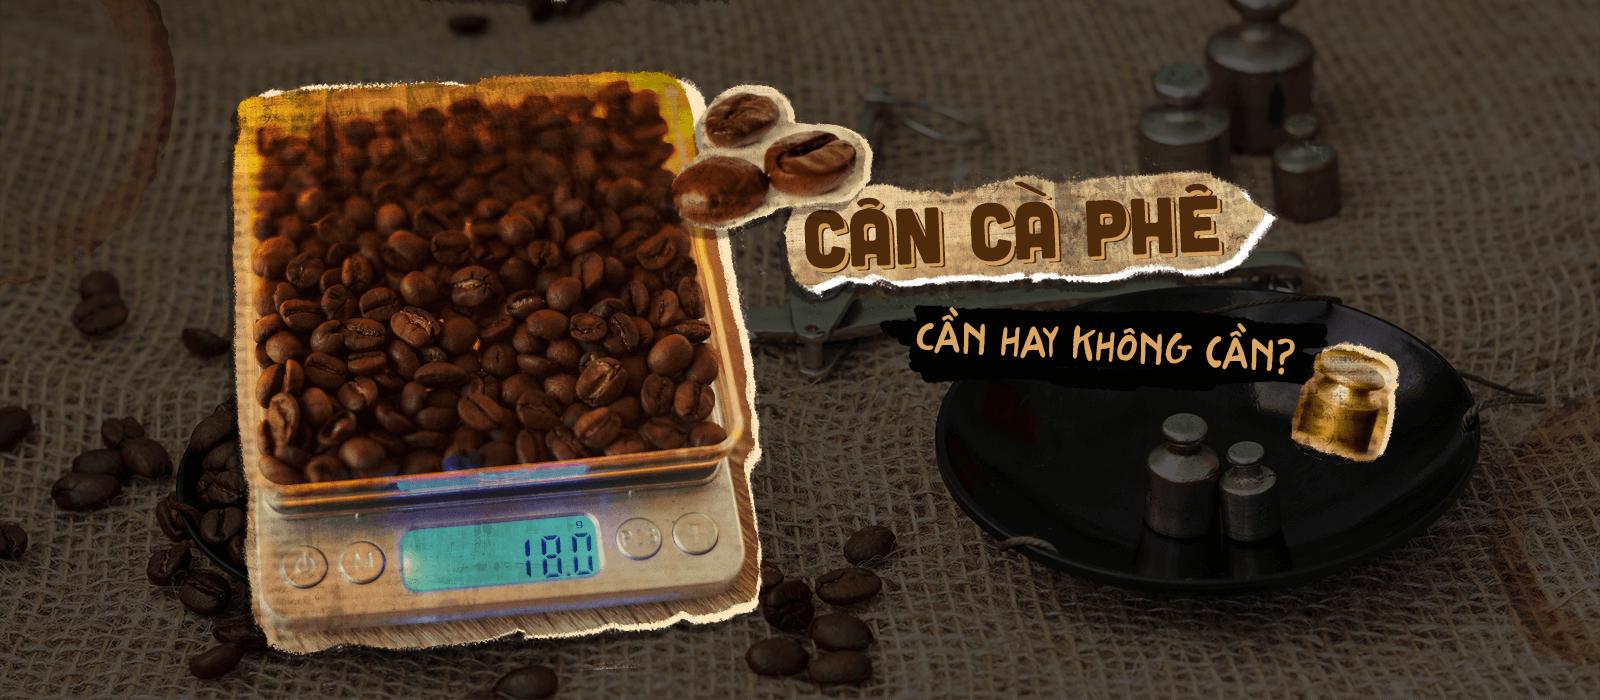 Cân cà phê – Cần hay không cần?